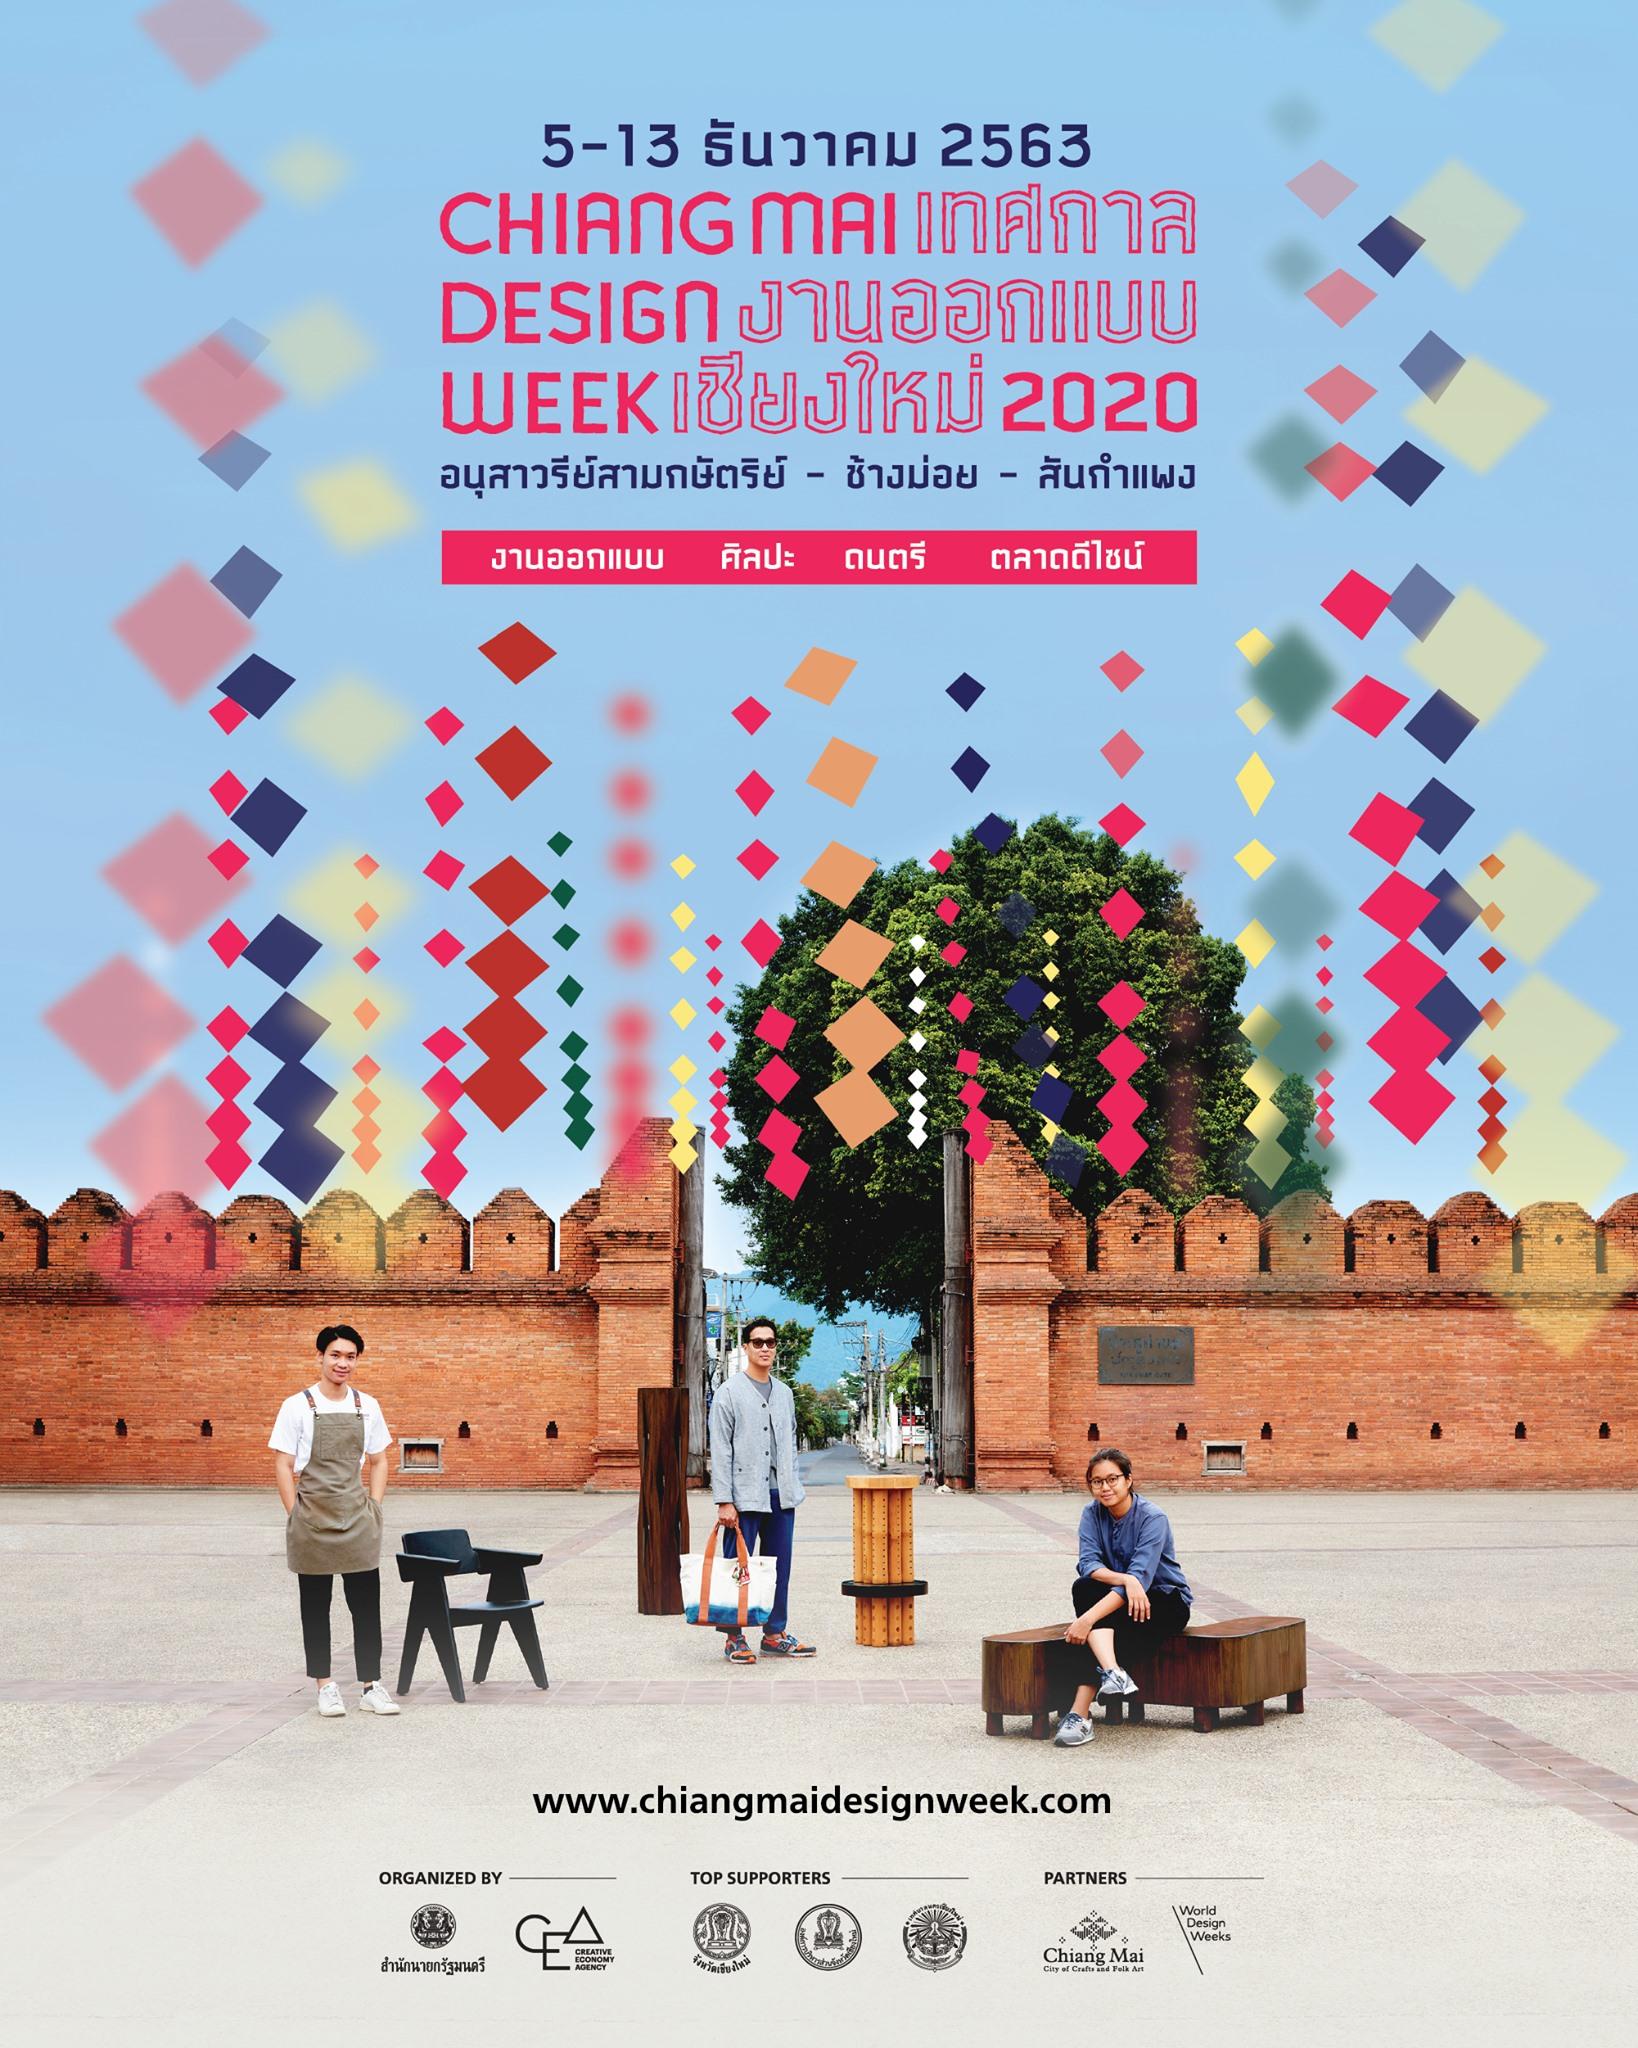 เทศกาลงานออกแบบเชียงใหม่ 2563 Chiang Mai Design Week 2020 ระหว่างวันที่ 5 – 13 ธันวาคม 2563 ณ ย่านต่างๆทั่วเมืองเชียงใหม่